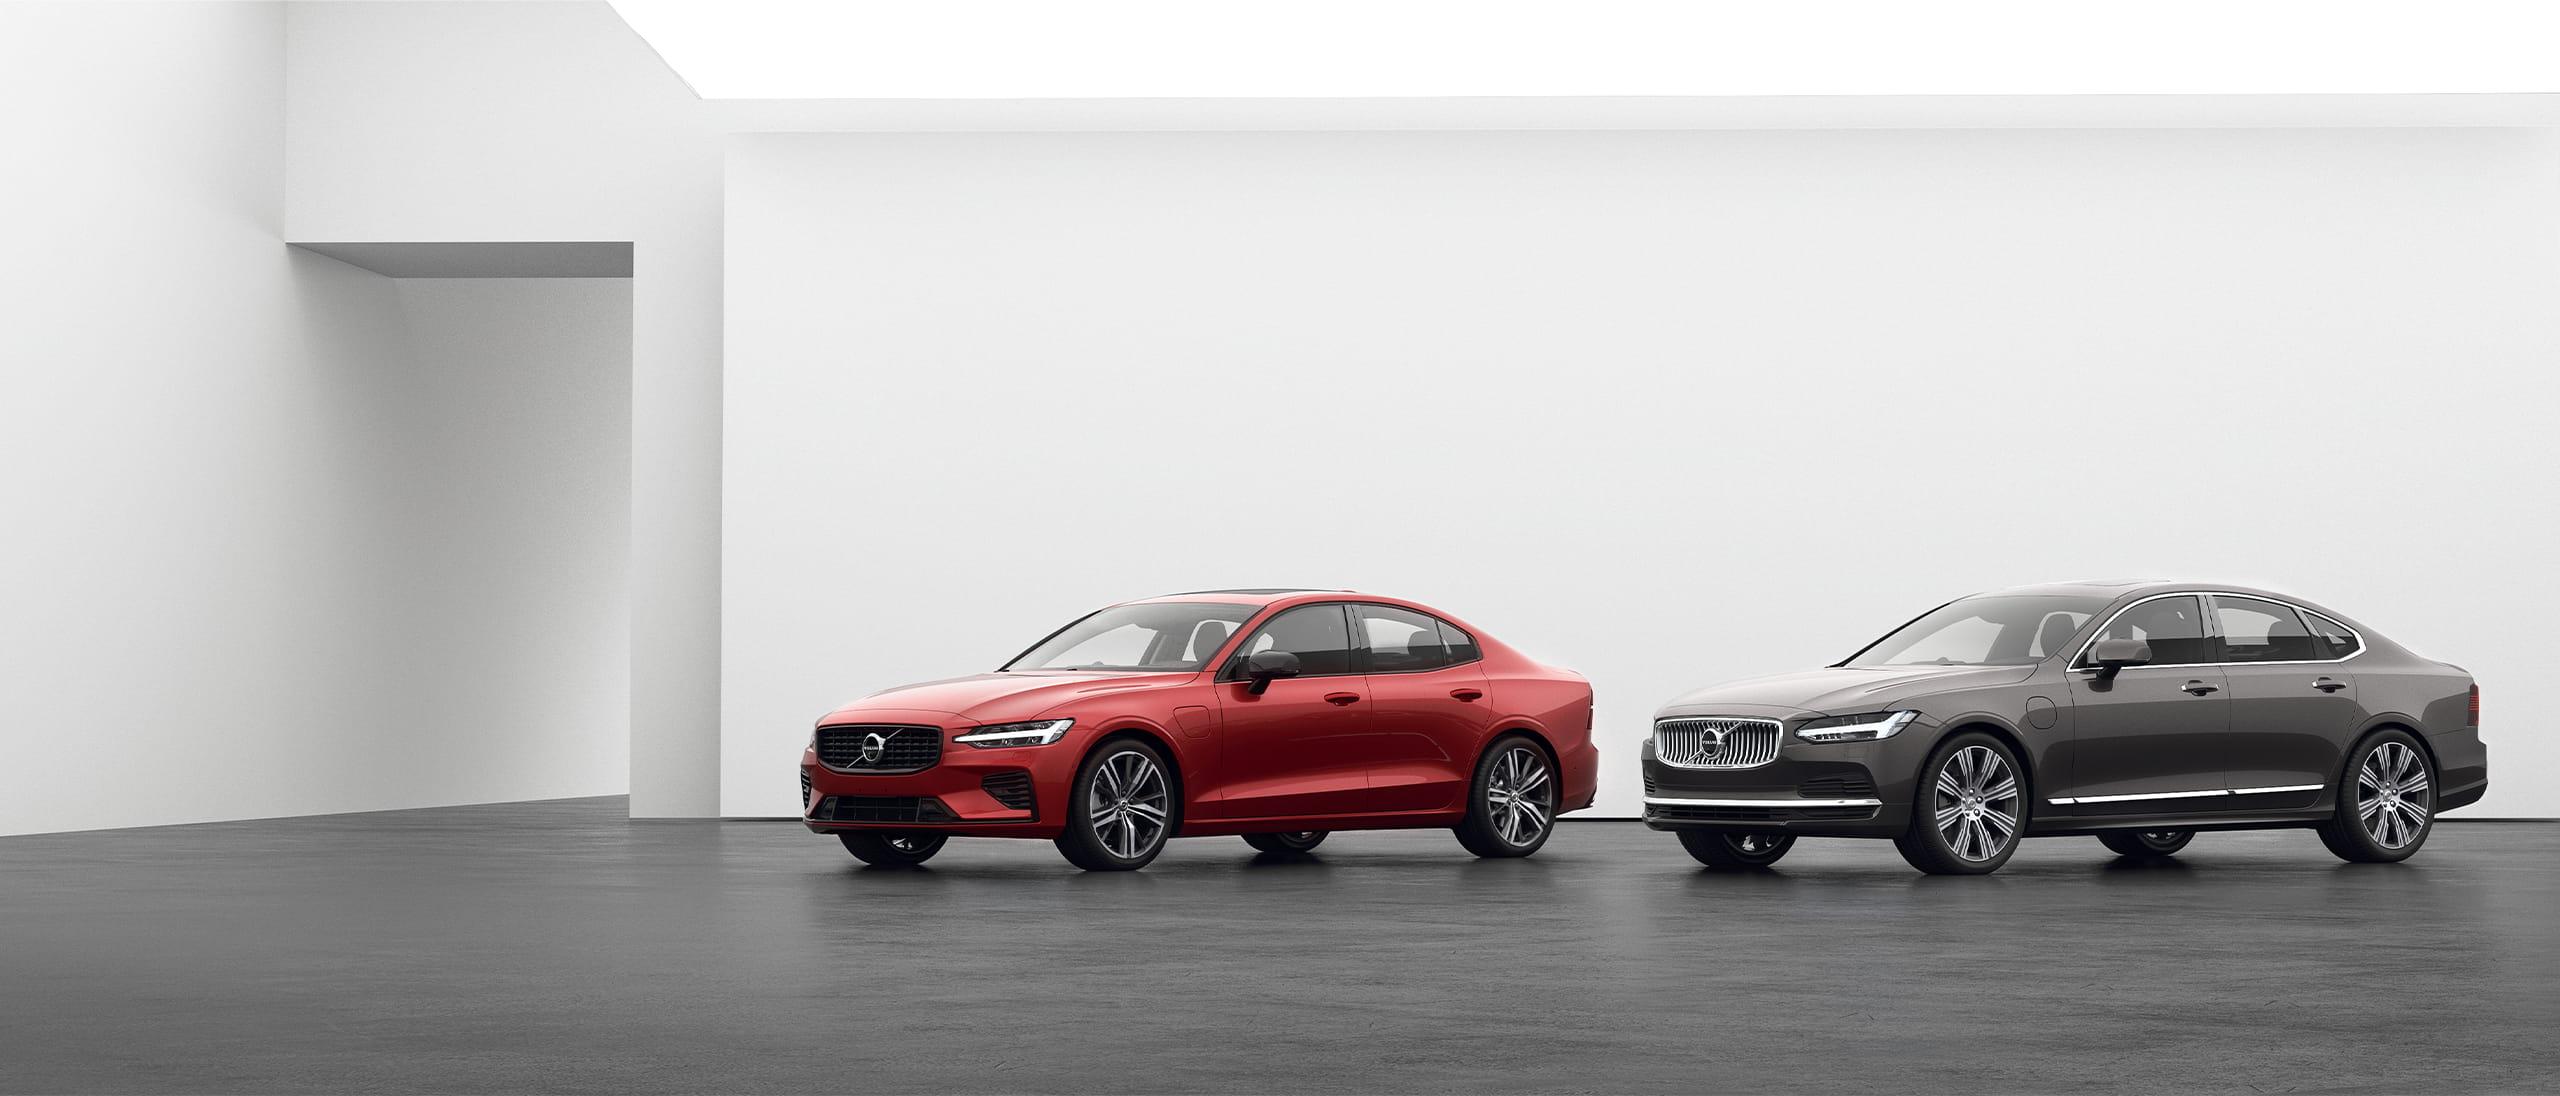 En Volvo S90 och en Volvo S60 Recharge laddhybrid parkerade på grått golv